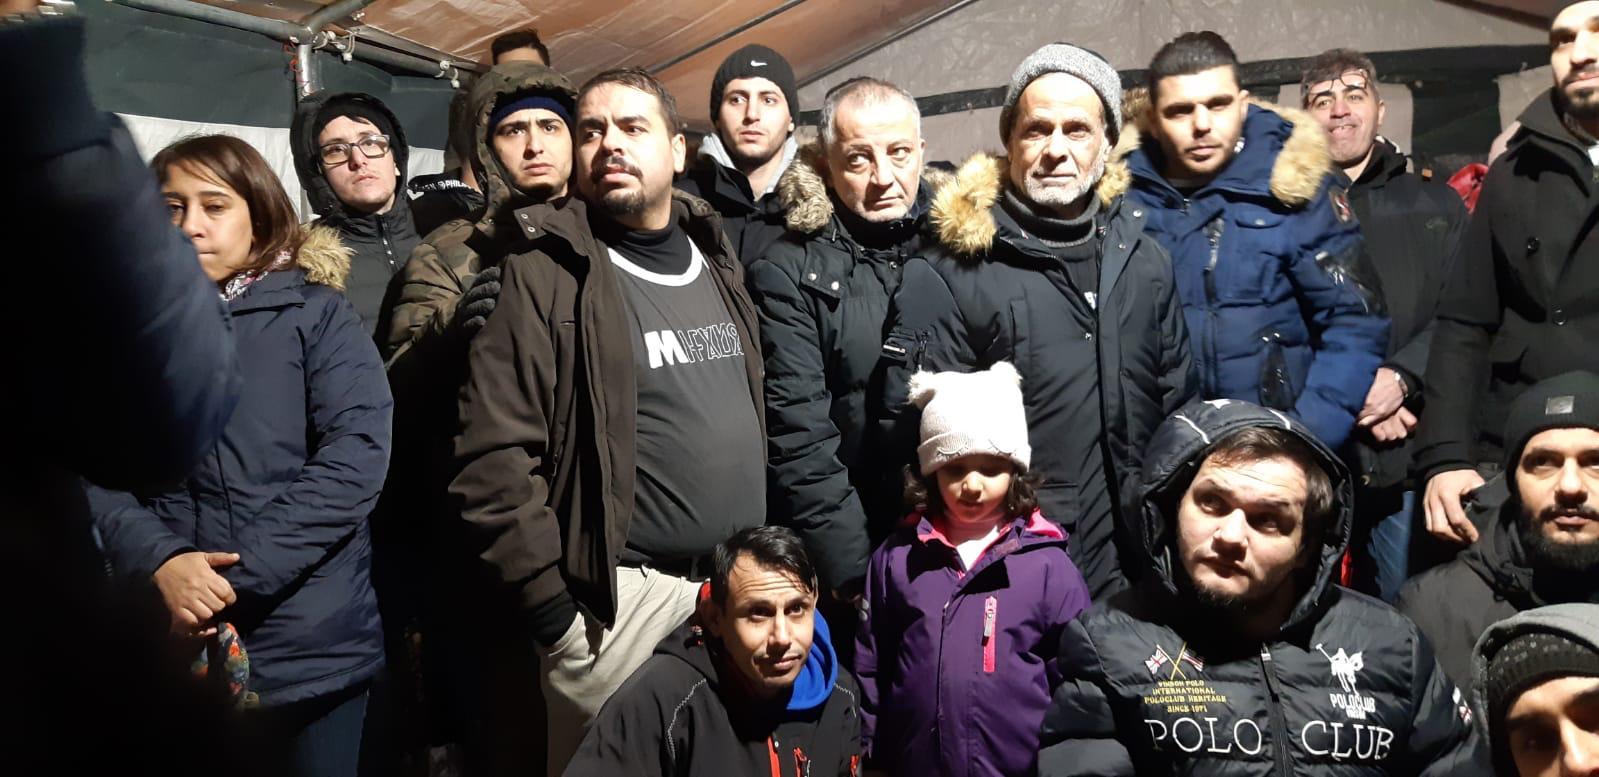 Suède : 3000 demandeurs d'asile confrontés à des mesures discriminatoires odieuses